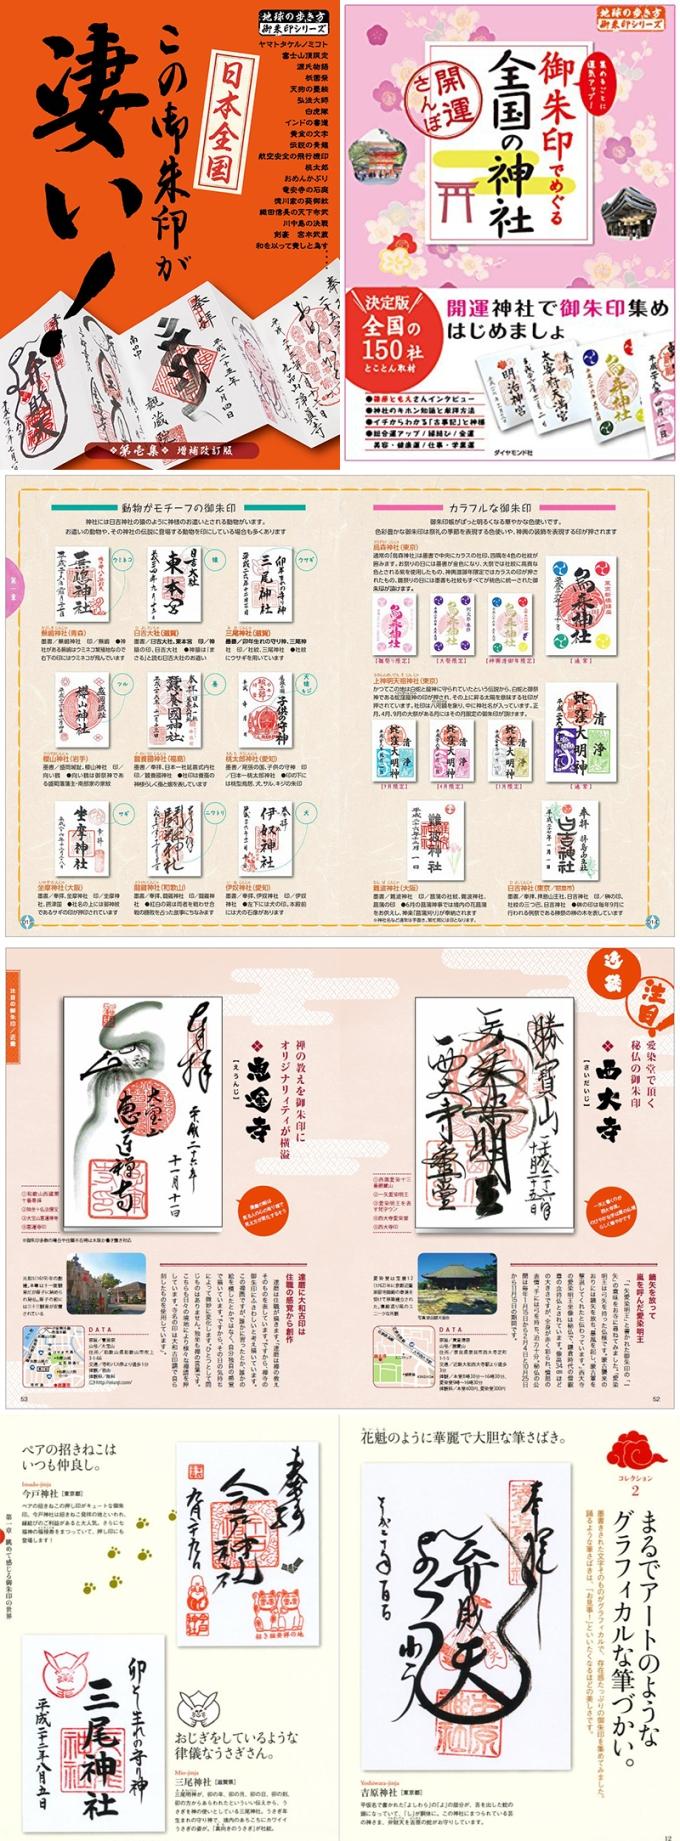 WP_kongobuji_shuincho_setsumei